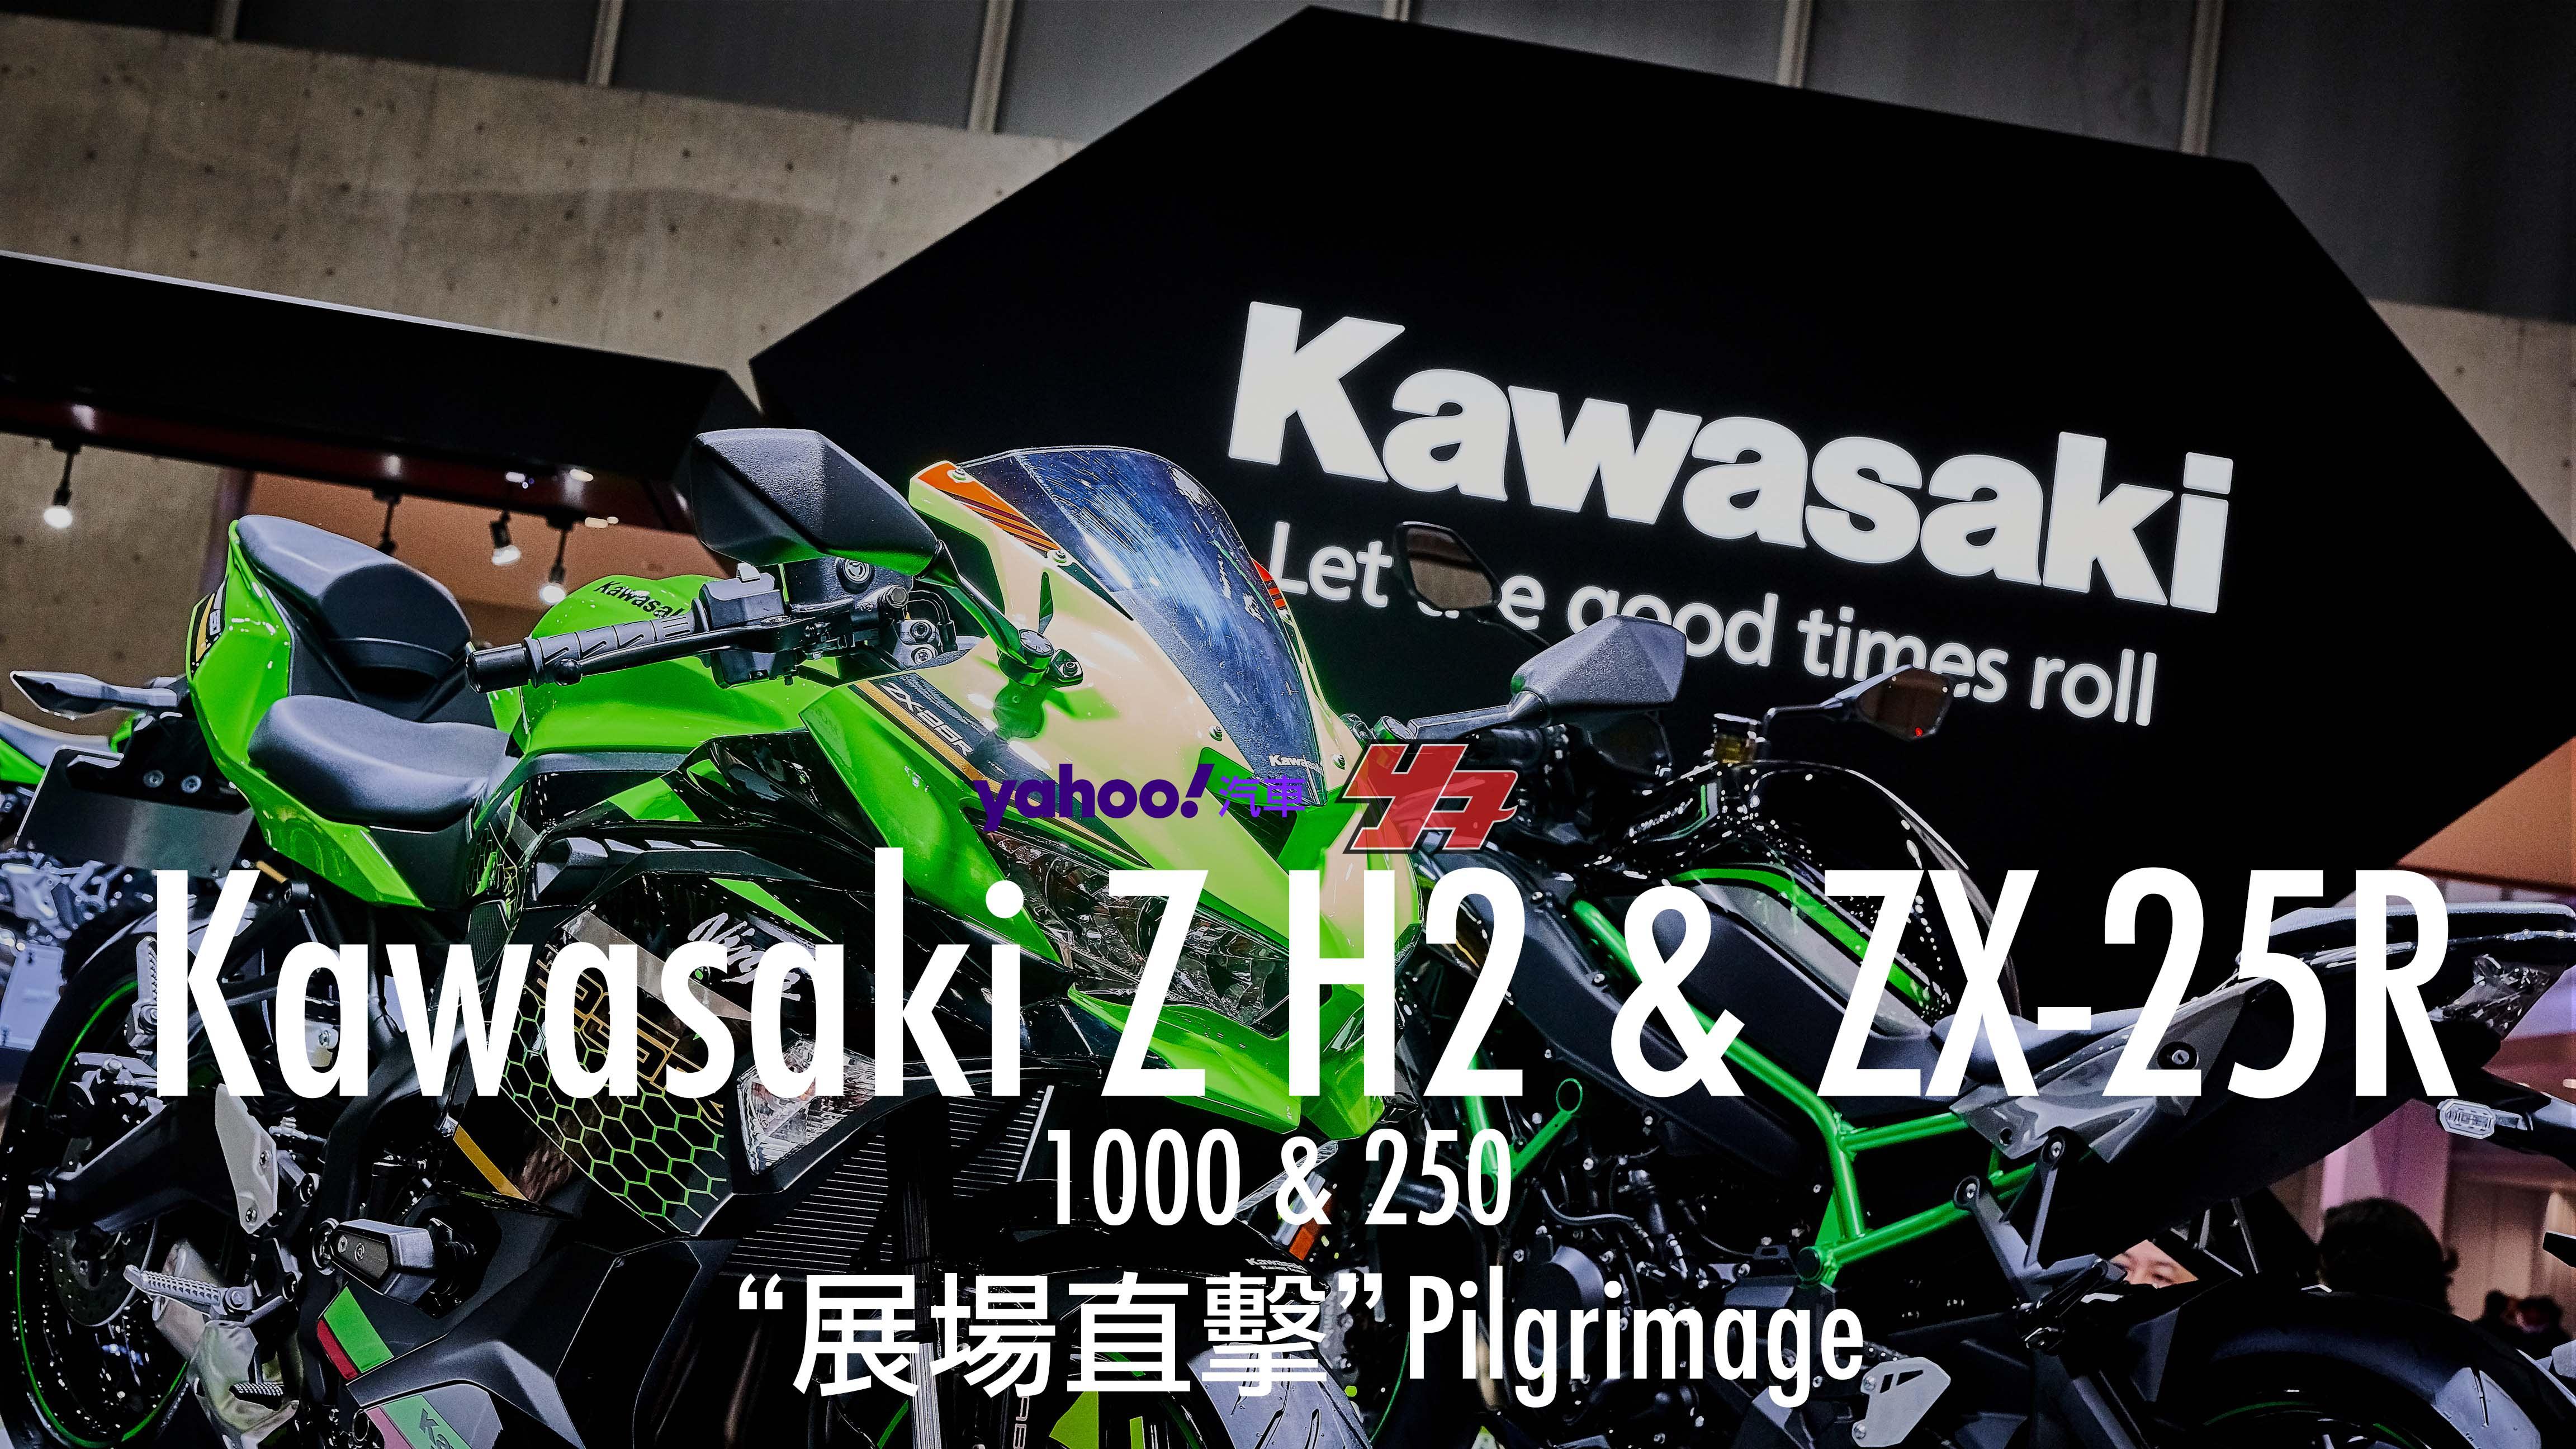 【東京車展直擊】綠忍雙煞展現騎乘新快感!Kawasaki Z H2 & ZX-25R暴力出陣!